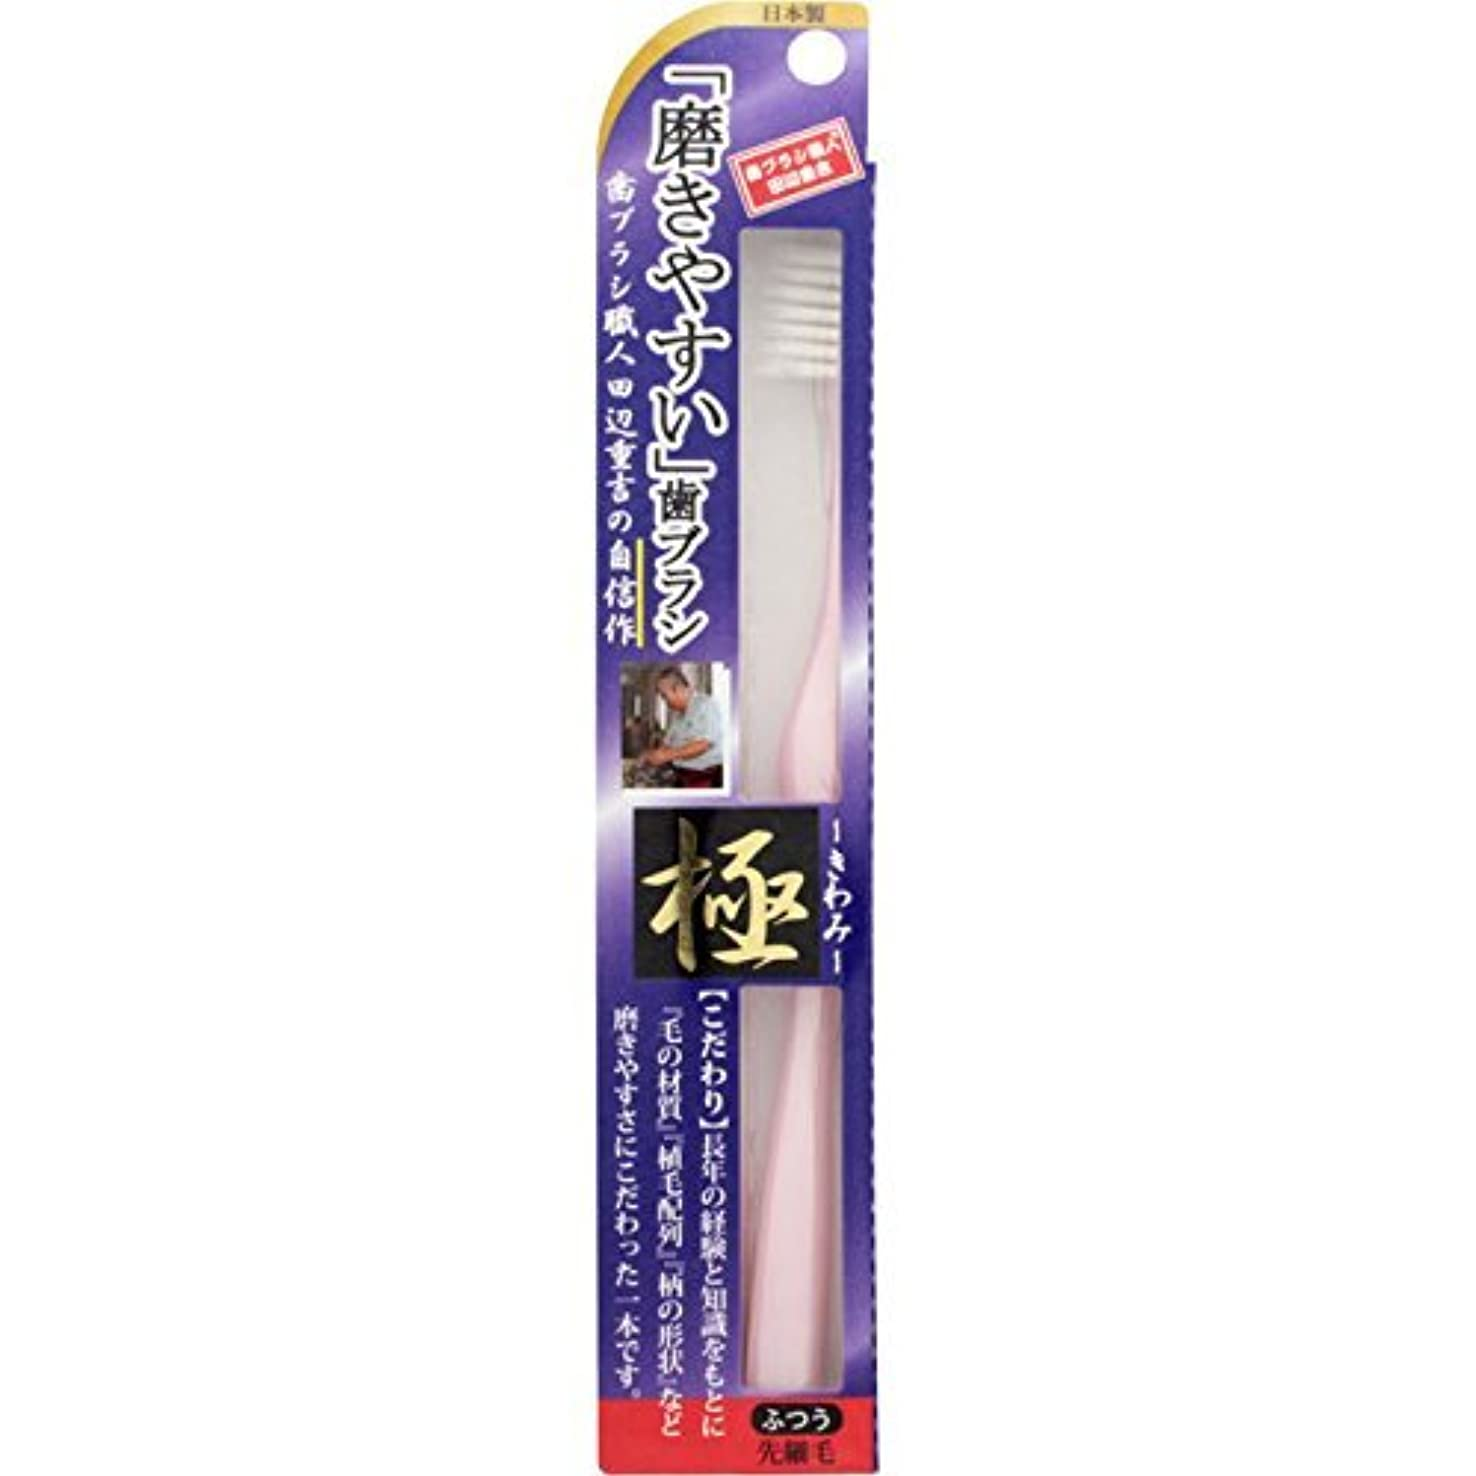 ピル旅客代理店【まとめ買い】磨きやすい歯ブラシ 極 LT-22 ×8個